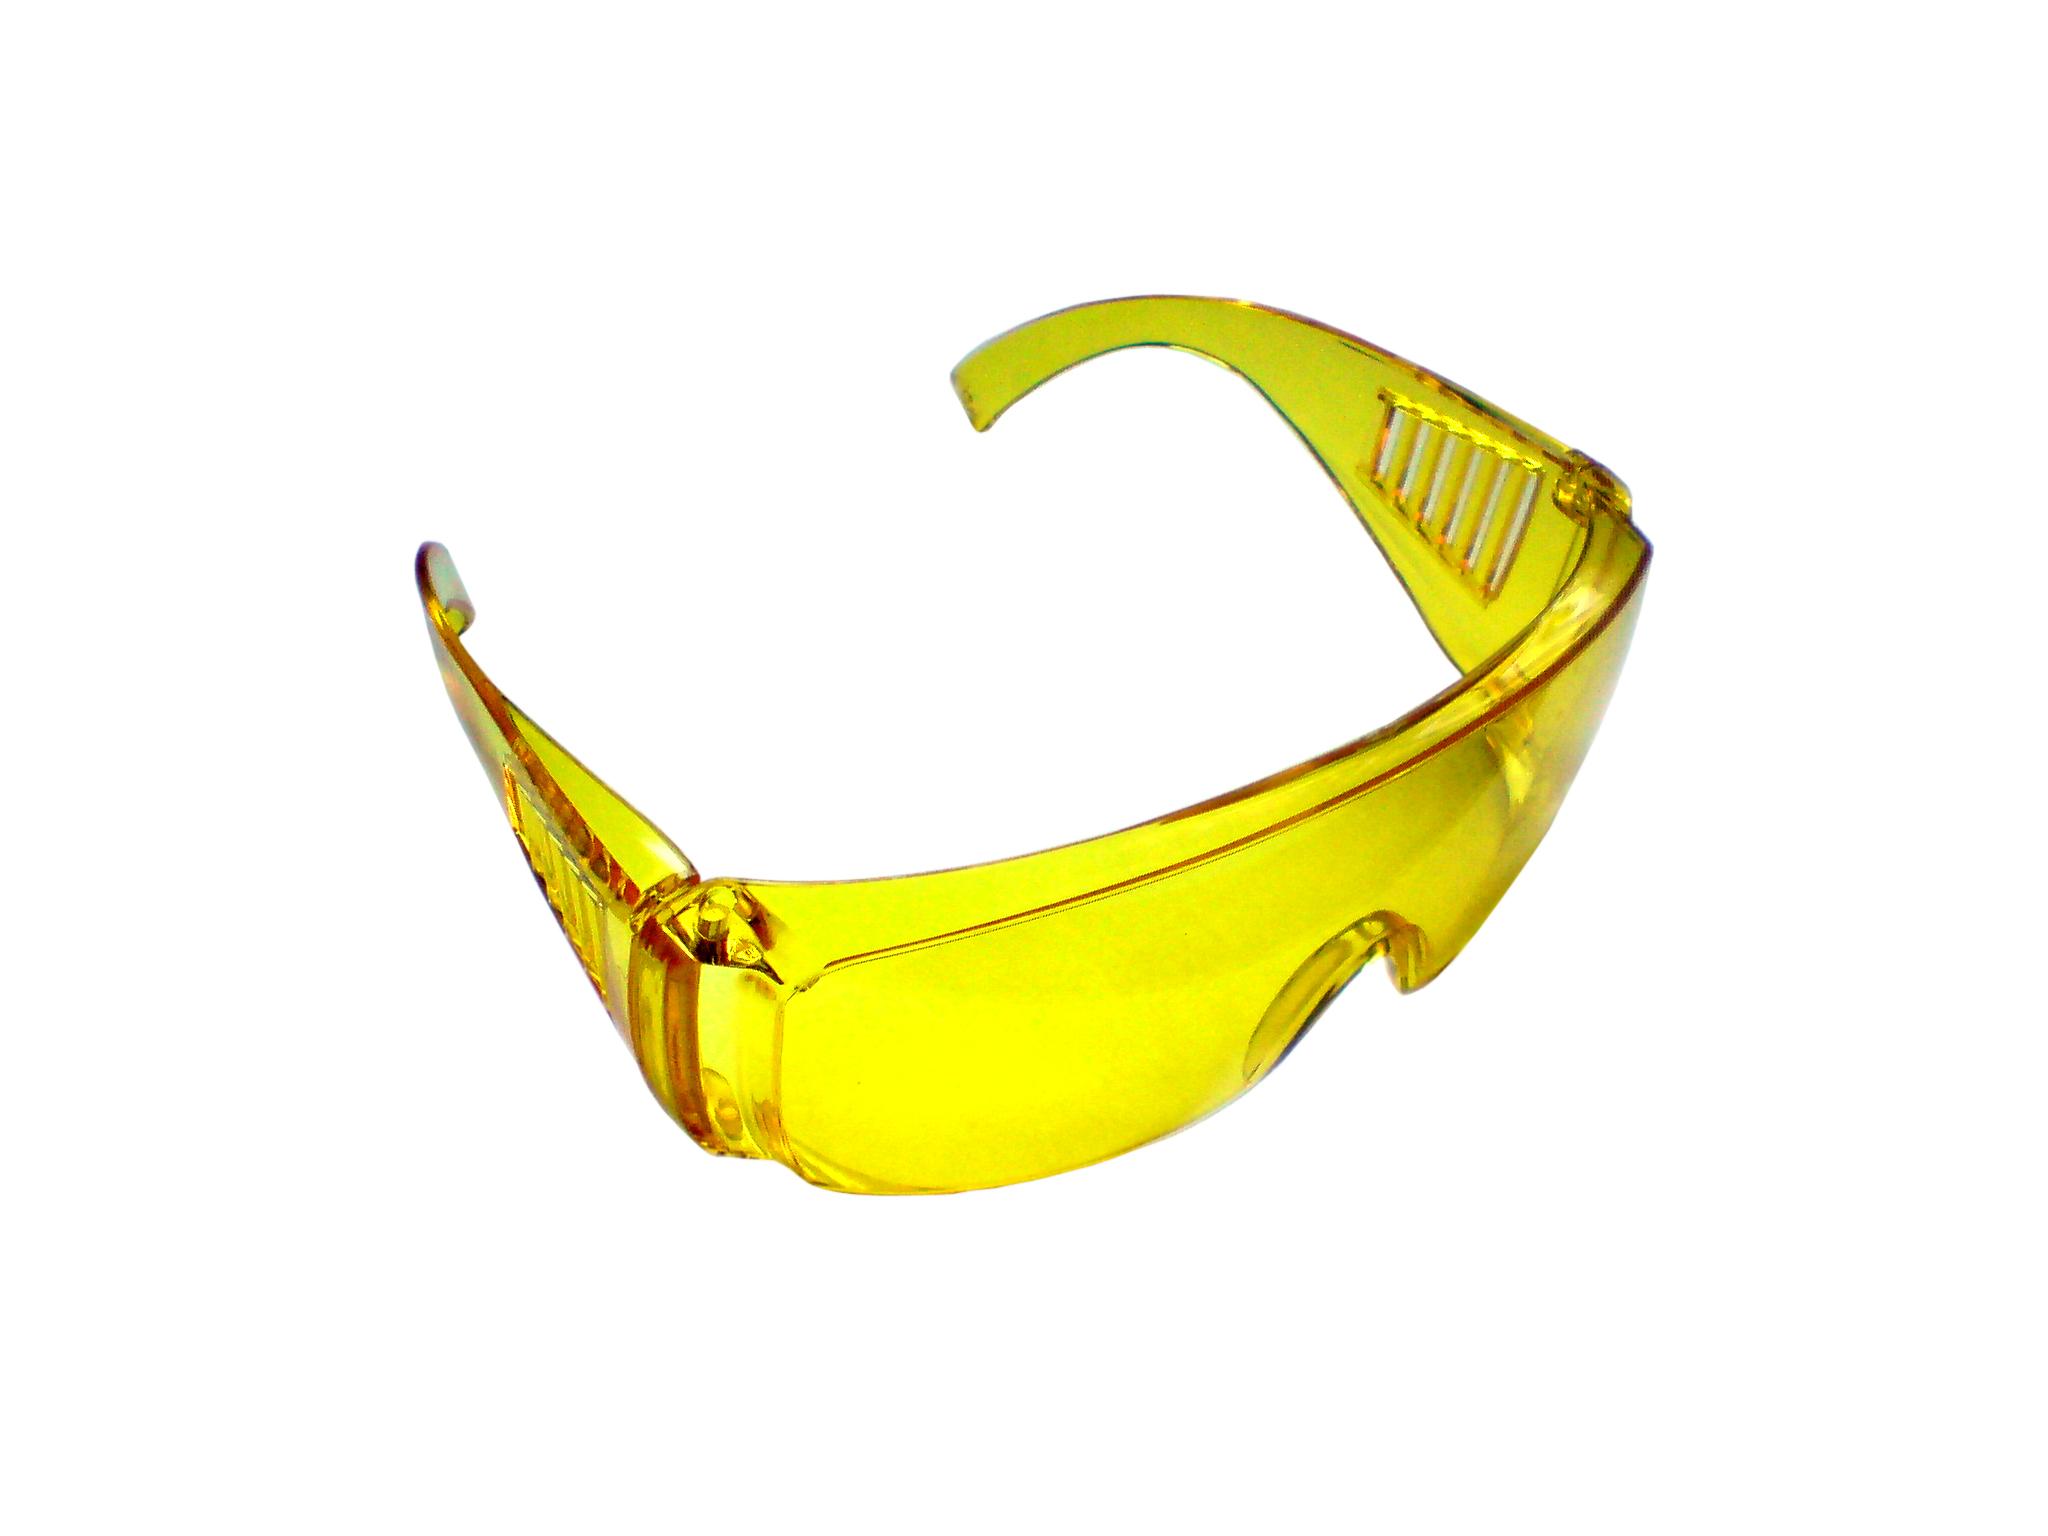 Защитные очки Champion C1008 с дужками желтыеАксессуары для садовой техники<br><br><br>Тип товара: Товары для электроинструмента